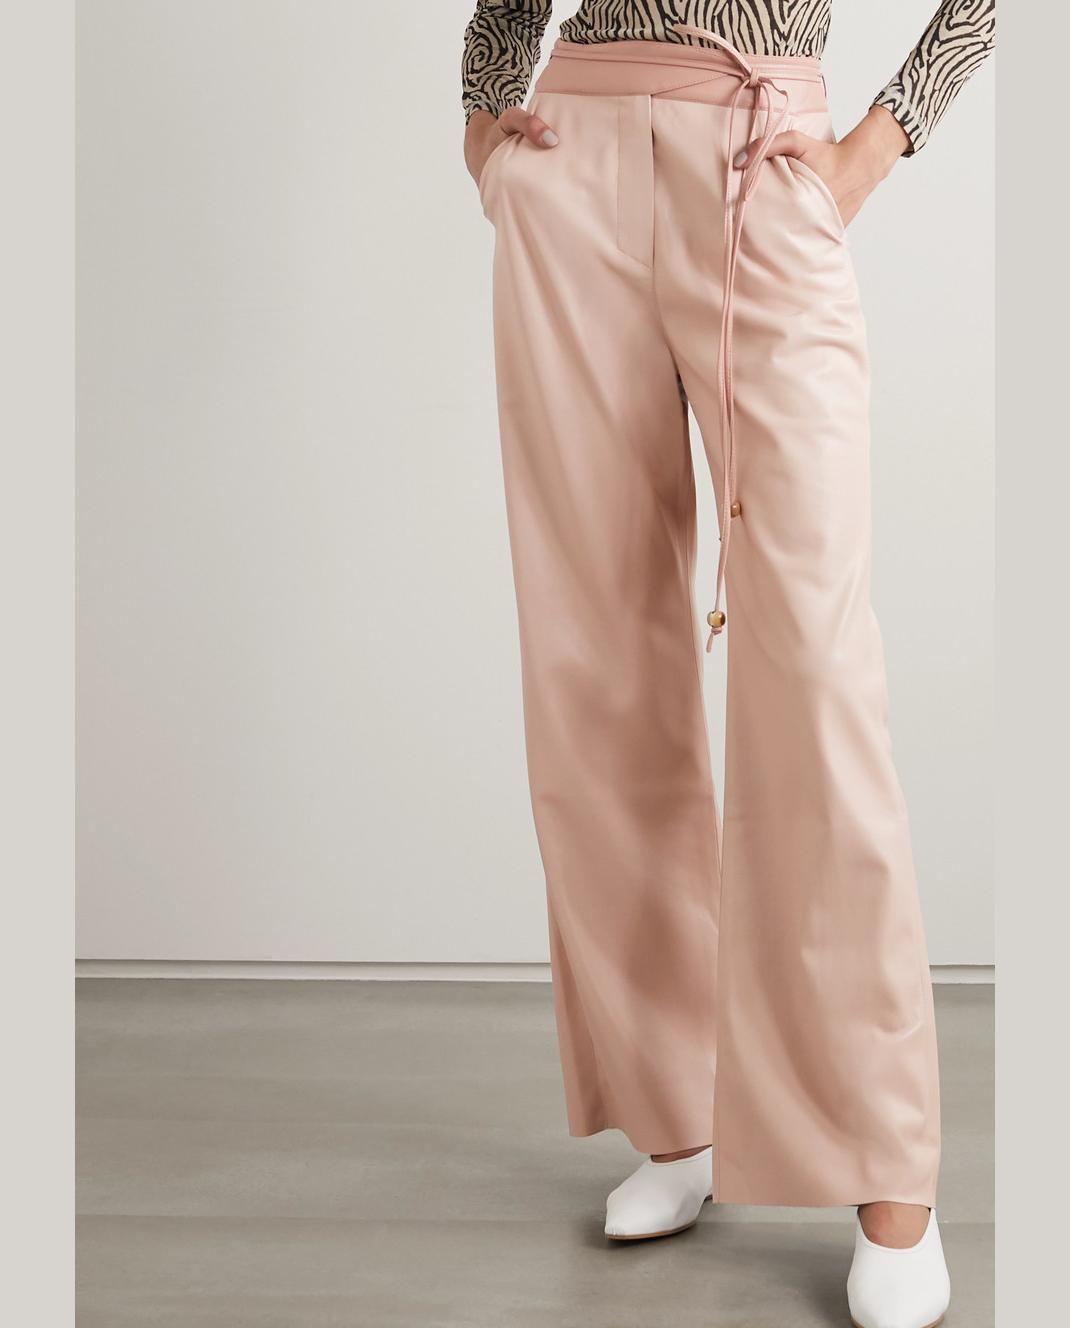 μοντέλο με δερμάτινο παντελόνι Nanushka